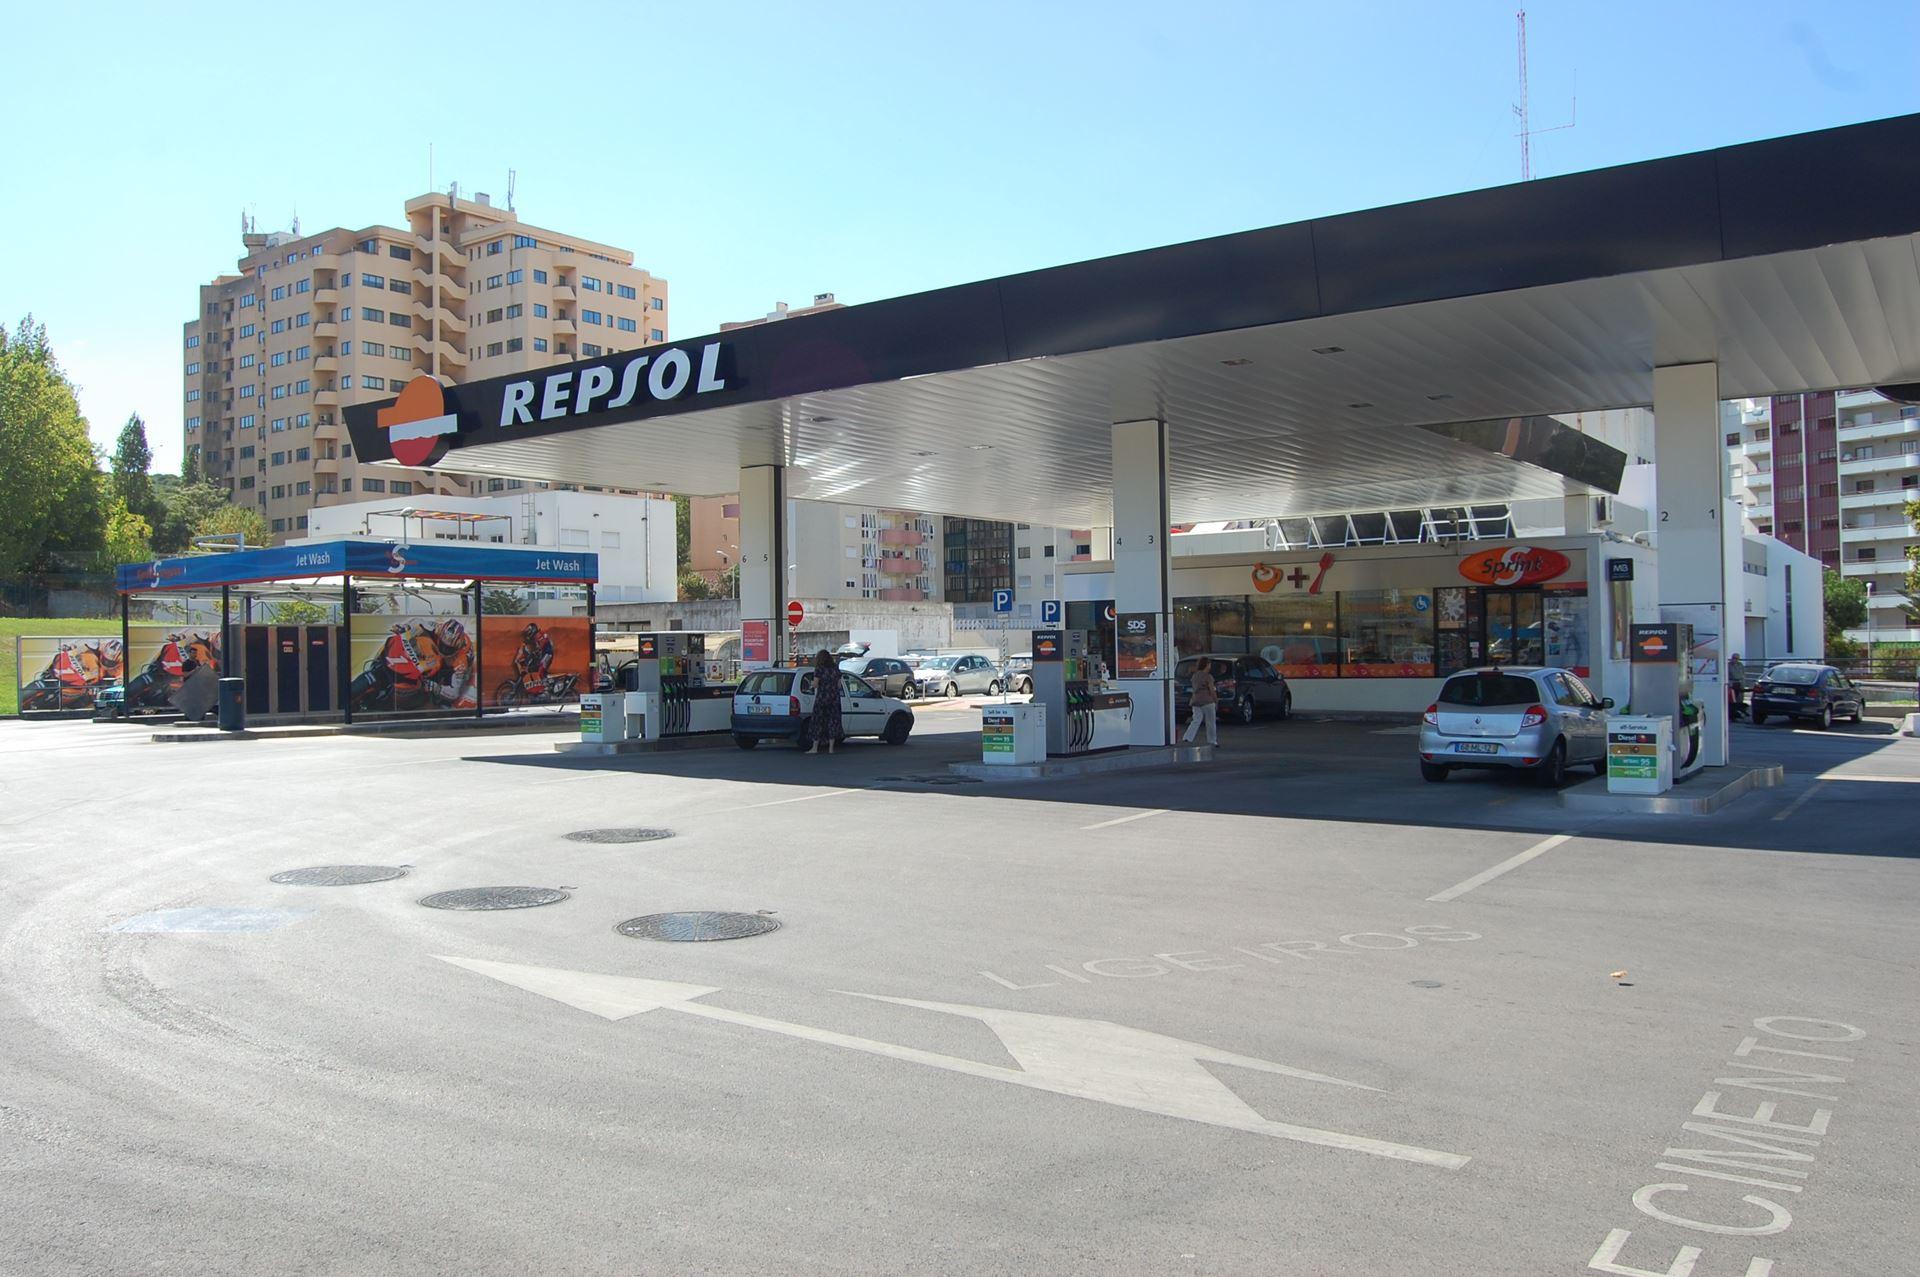 El corte ingl s e repsol renovam parceria sabia que for Repsol oficinas